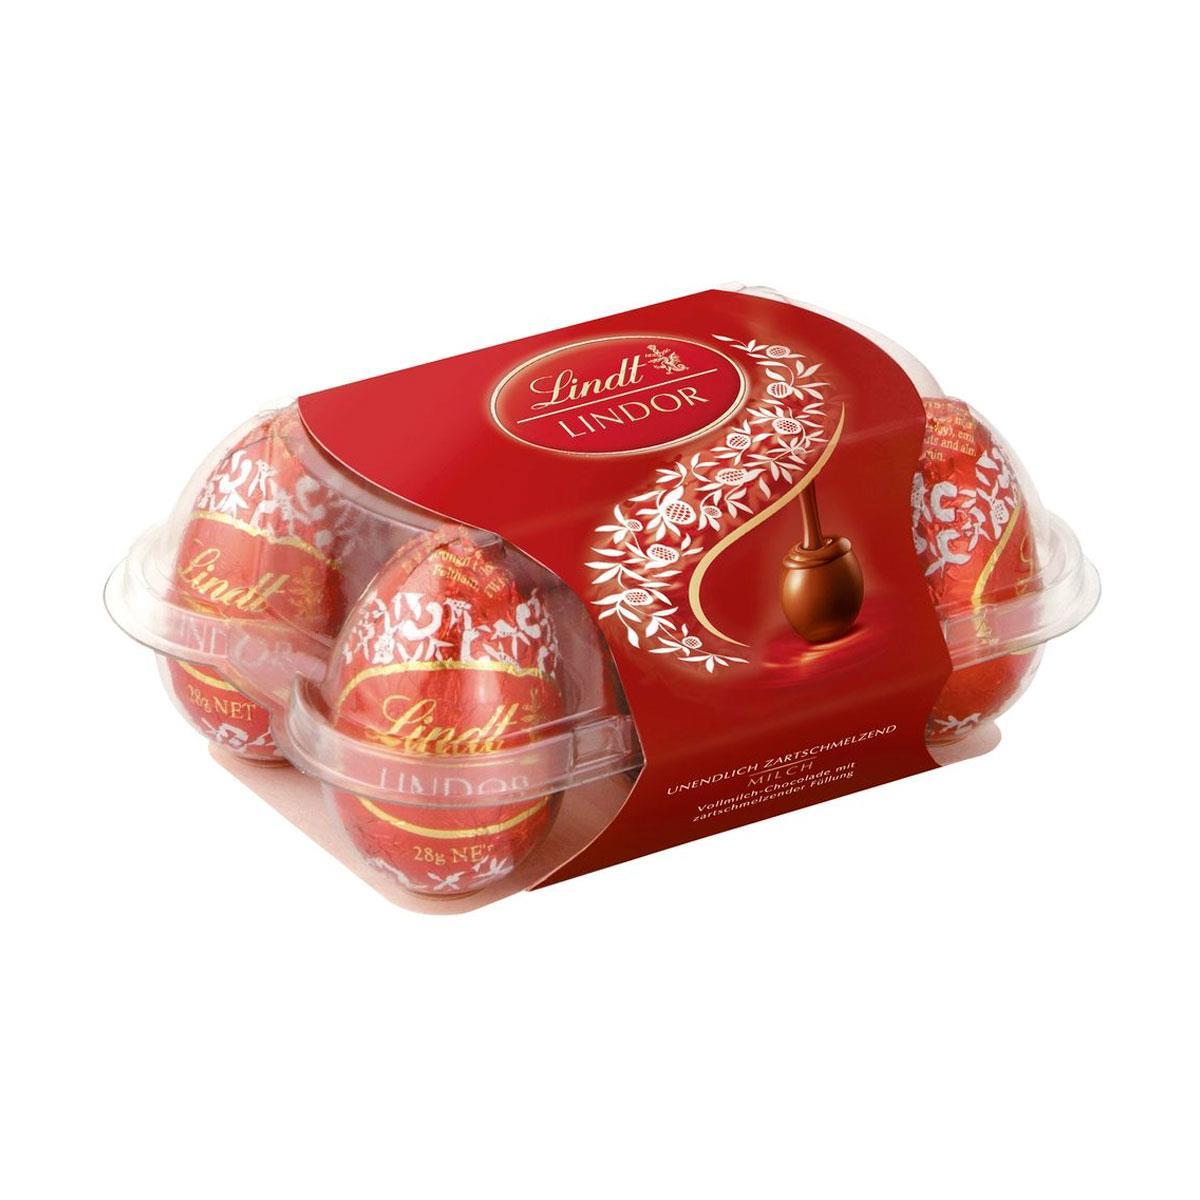 18e31b650ec3f Mini Ovos Lindt Lindor Chocolate ao Leite 168g